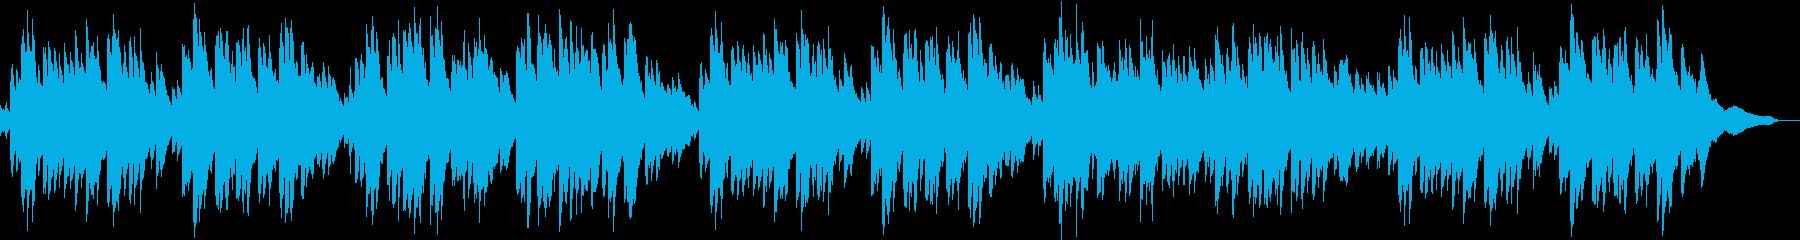 ゆったりした感じのピアノ曲の再生済みの波形